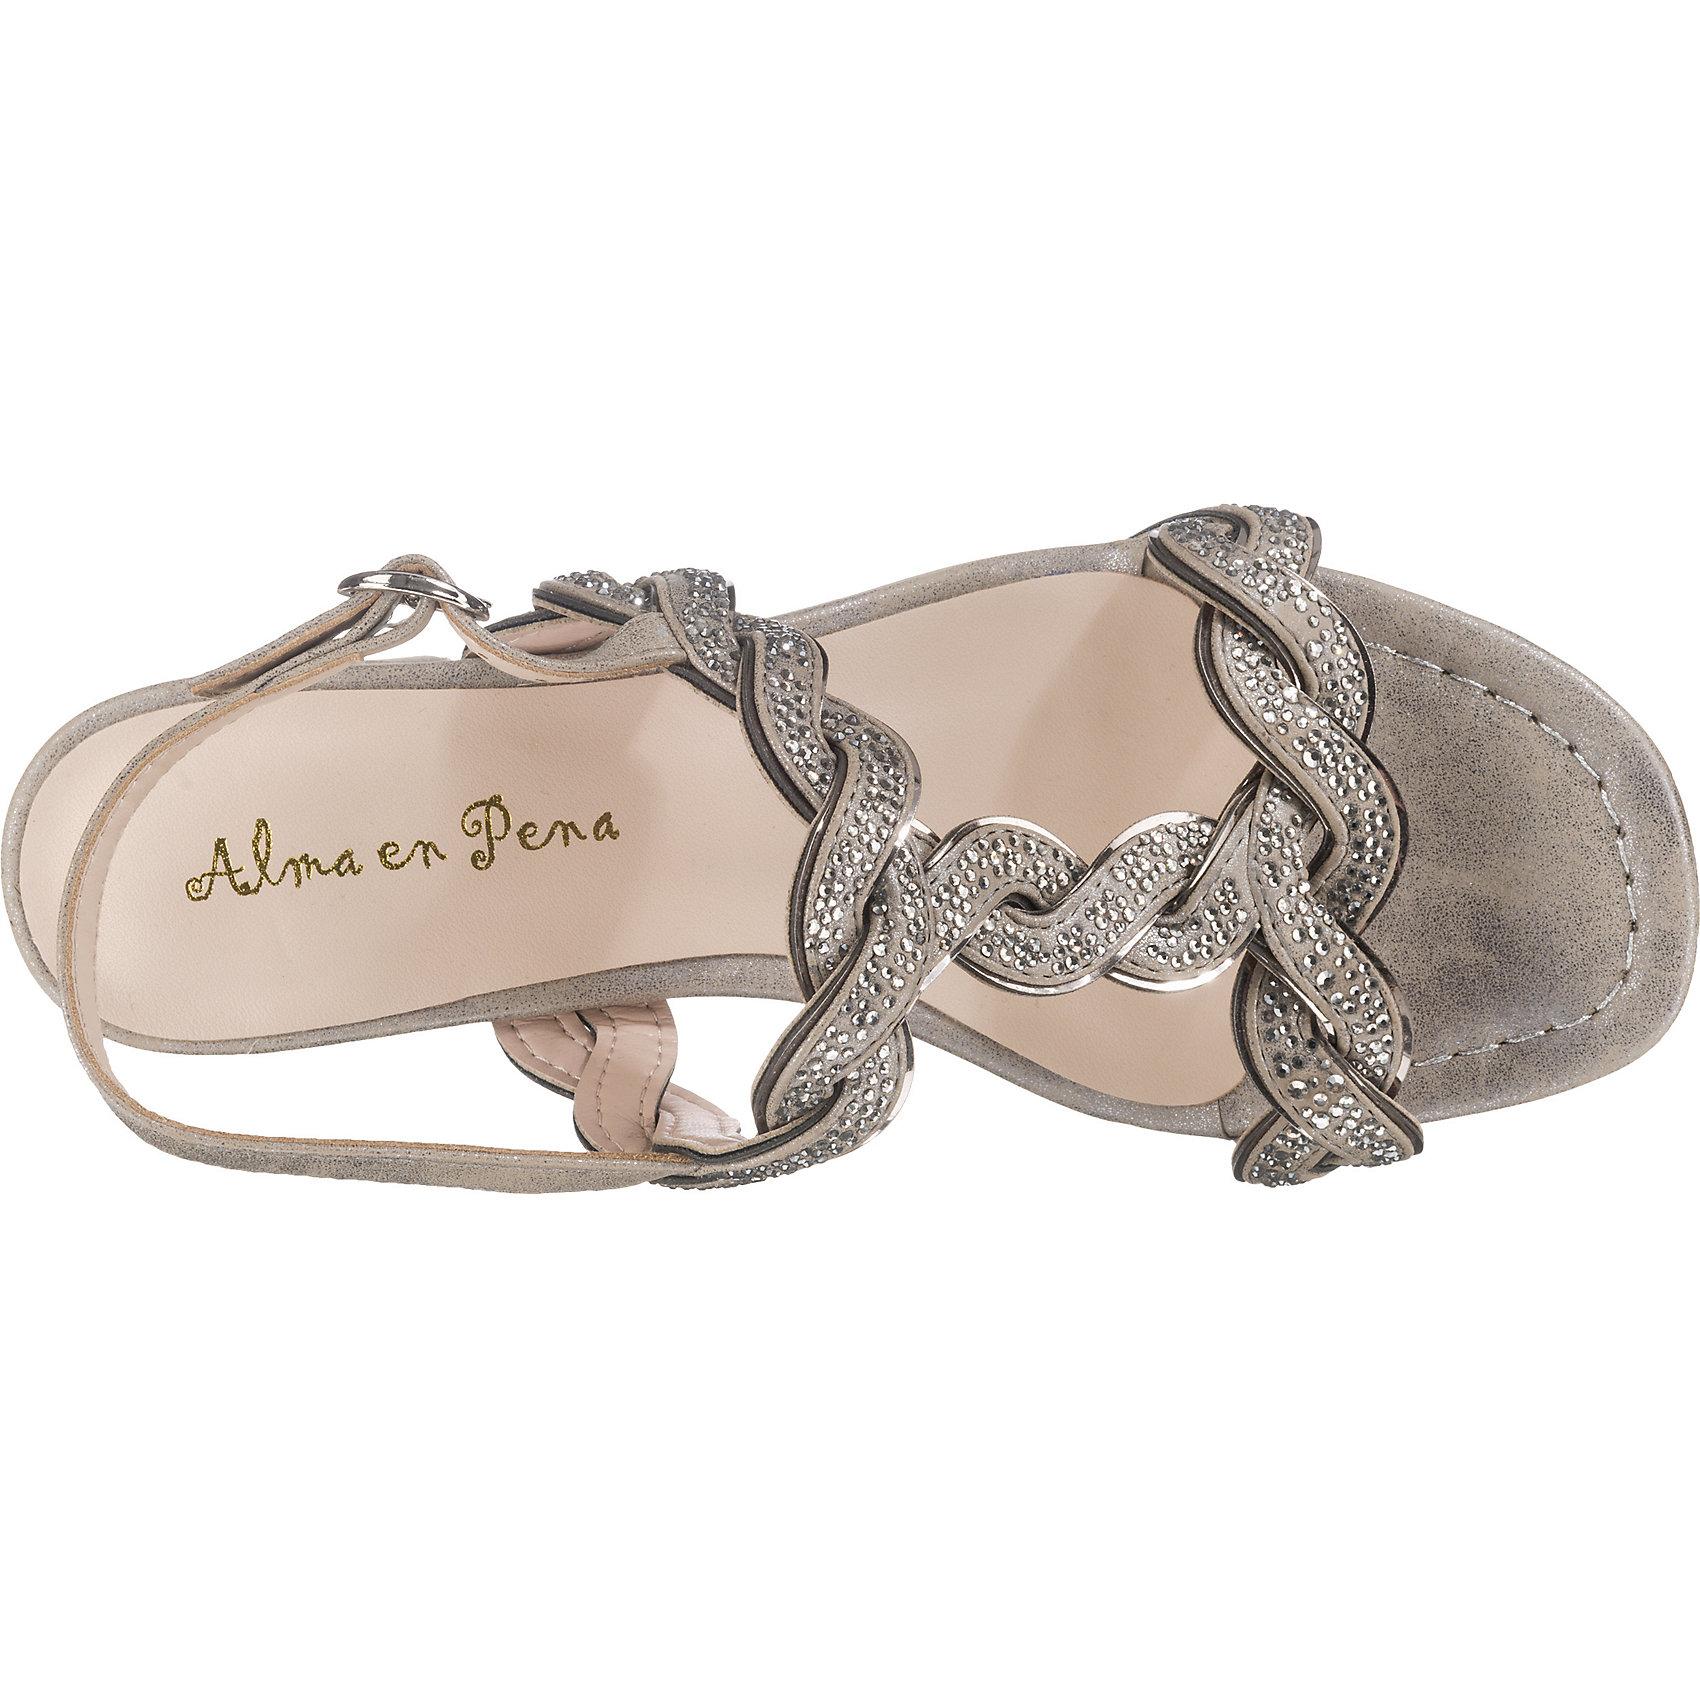 Neu Alma en Pena T-Steg-Sandaletten 7910142 für Damen grau grau grau edd290